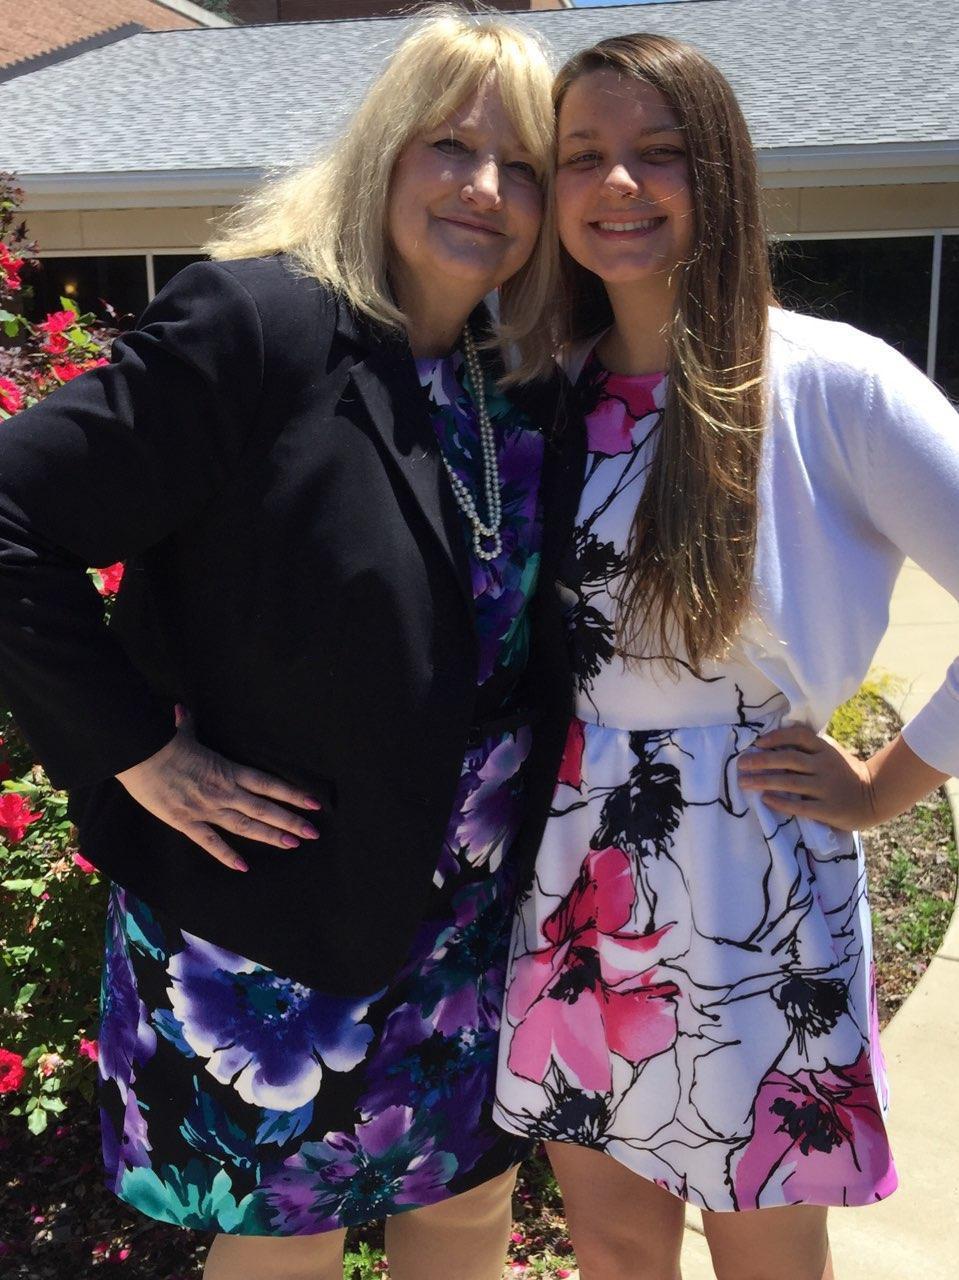 Victoria Hulslander and Nancy Hulslander